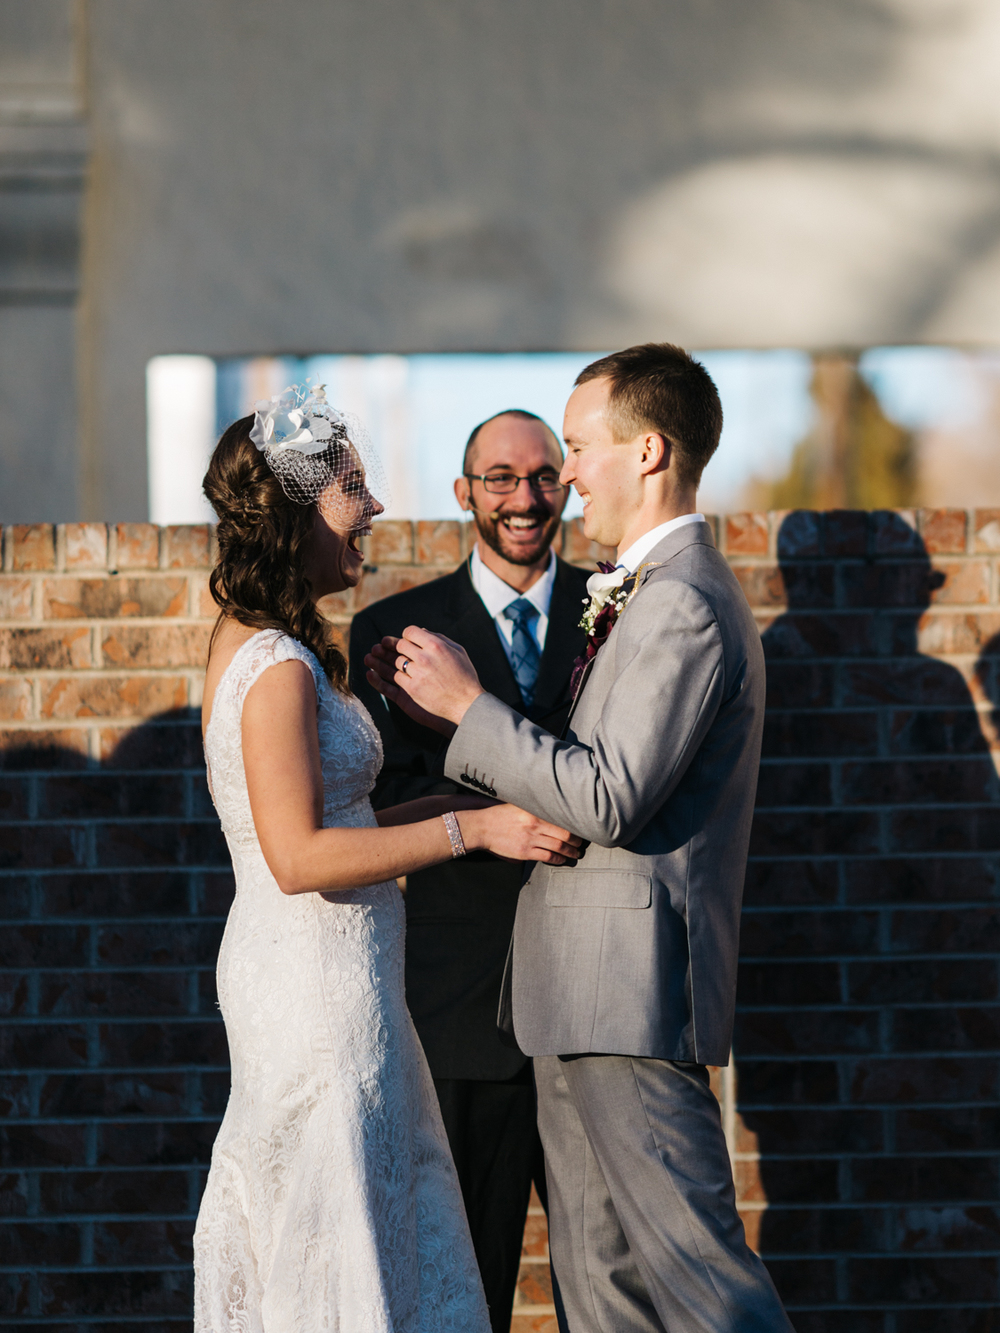 Garden City Wedding Photographer - Neal Dieker - Wichita, Kansas Wedding Photographer-165.jpg